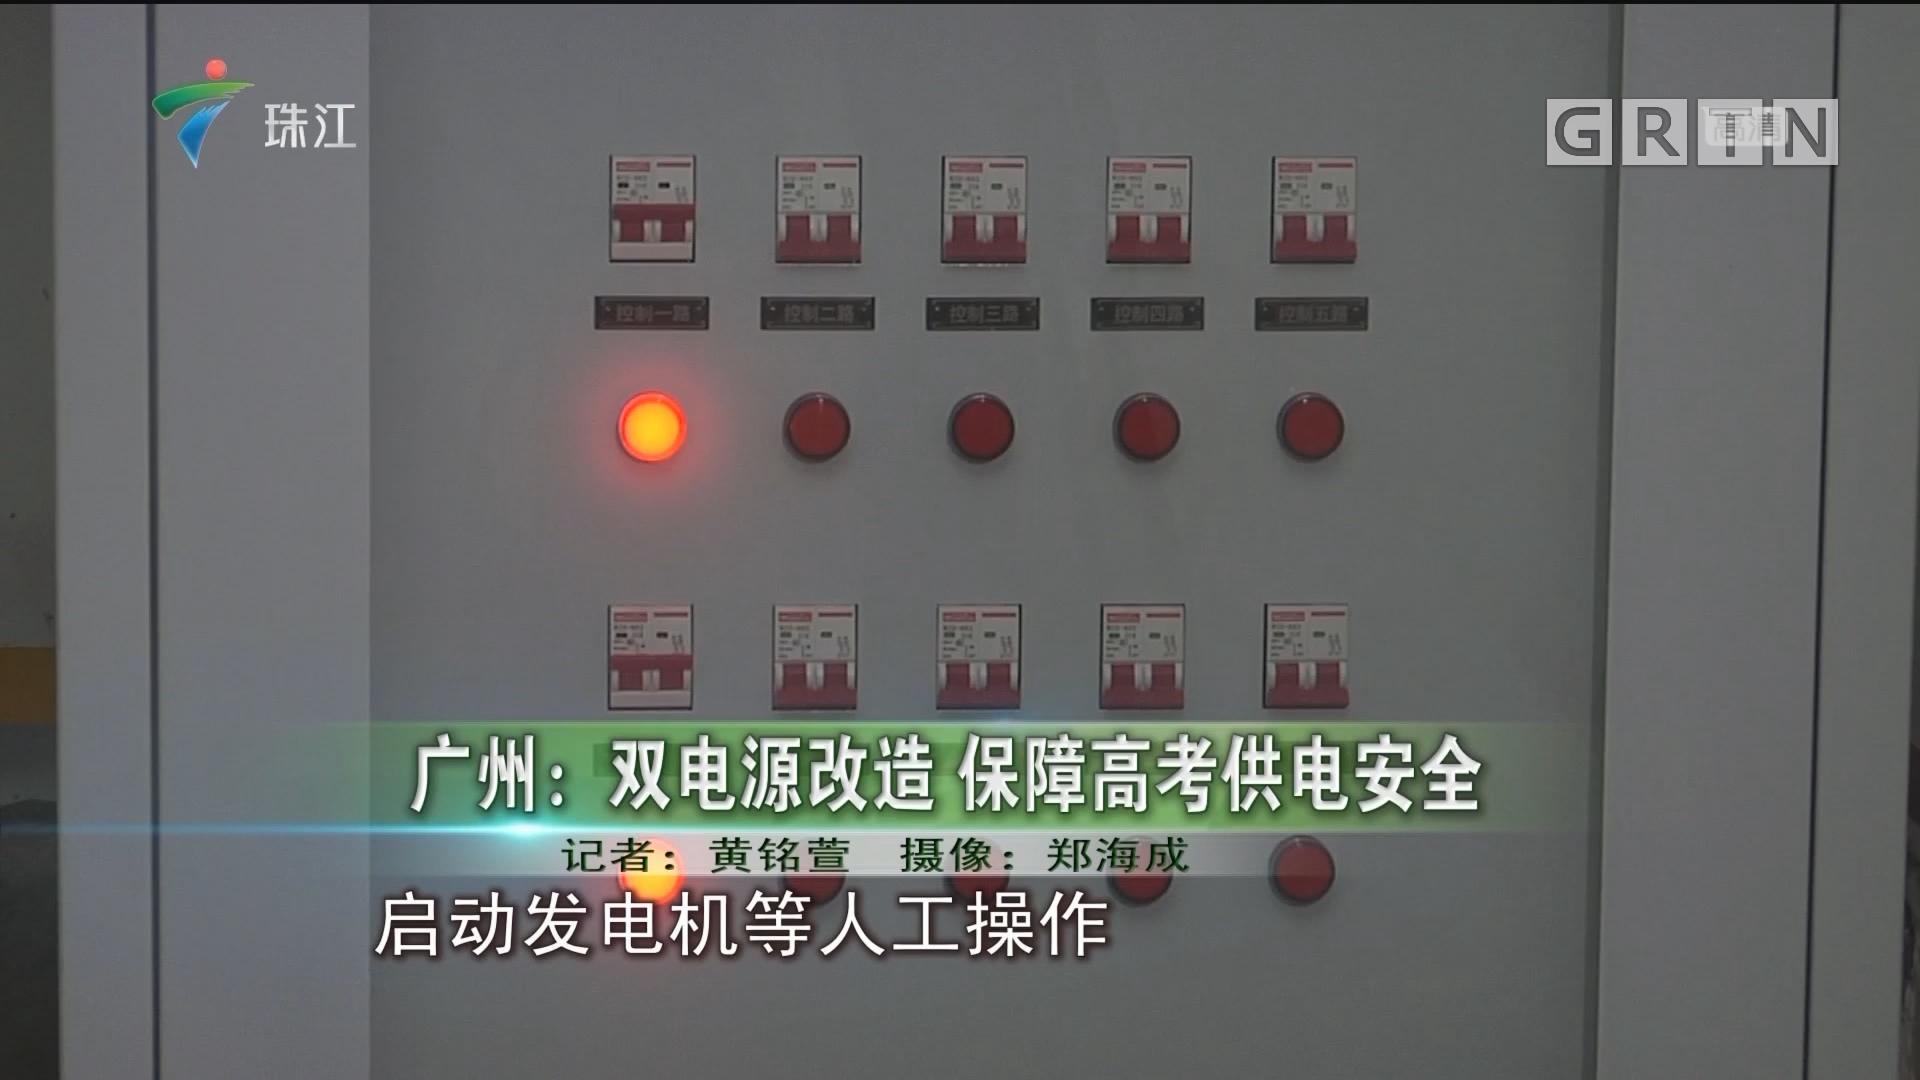 广州:双电源改造 保障高考供电安全